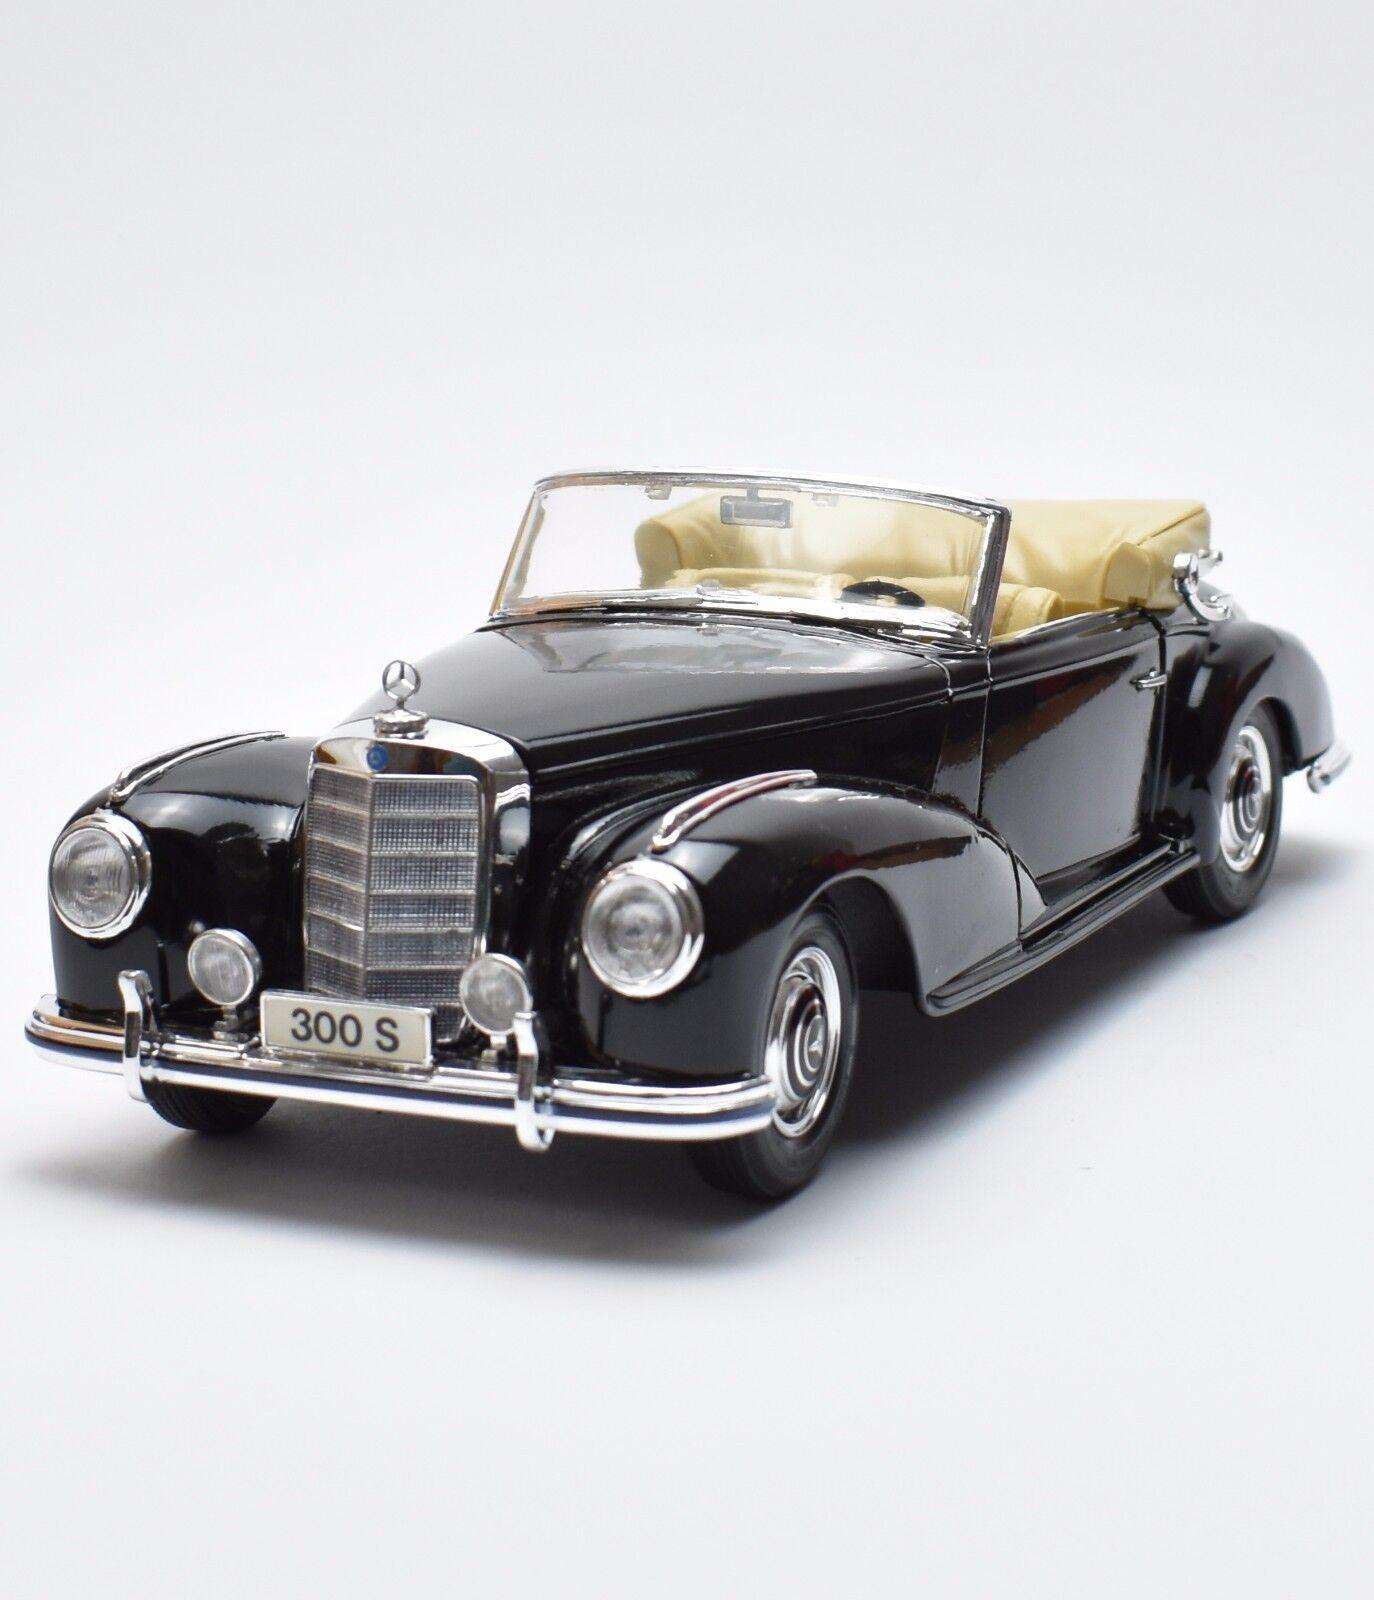 Classique Mercedes Benz 300 S Oldtimer Laqué Noir, Maisto, neuf dans sa boîte, 1 18, k020